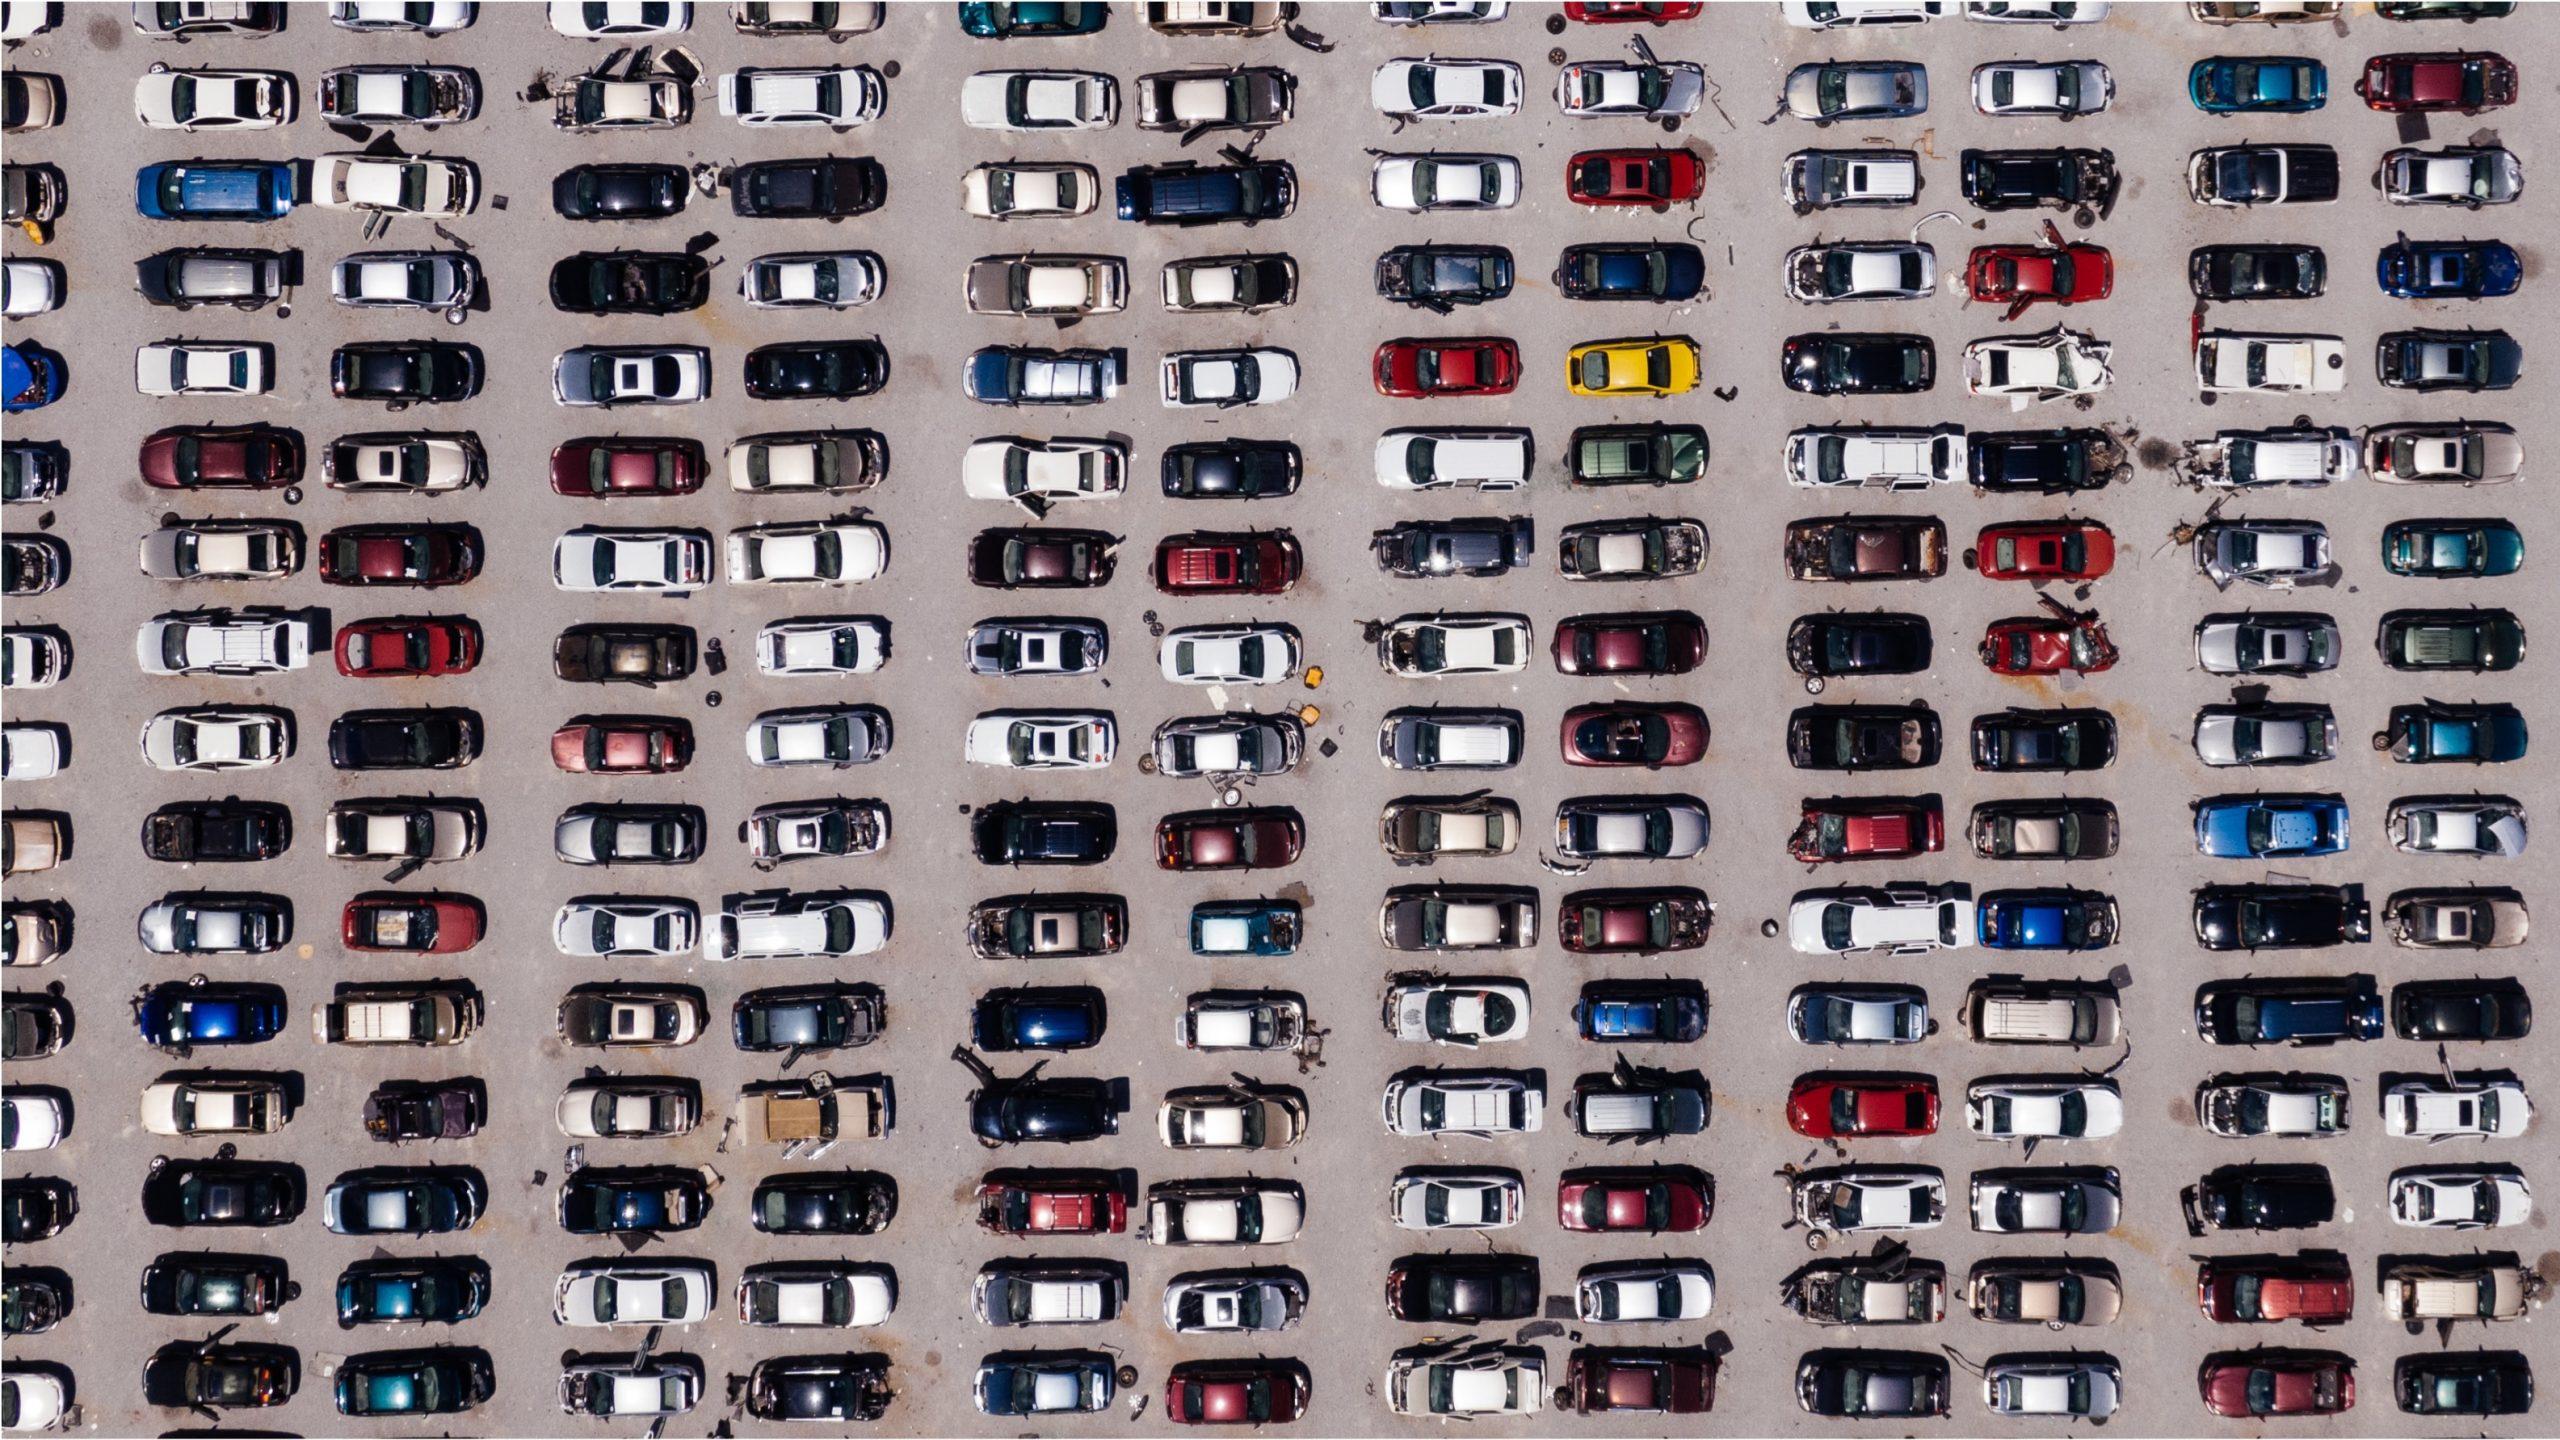 Gestiunea parcului auto - Ce înseamnă, care sunt cele mai comune greșeli, dar și soluțiile pentru această activitate?